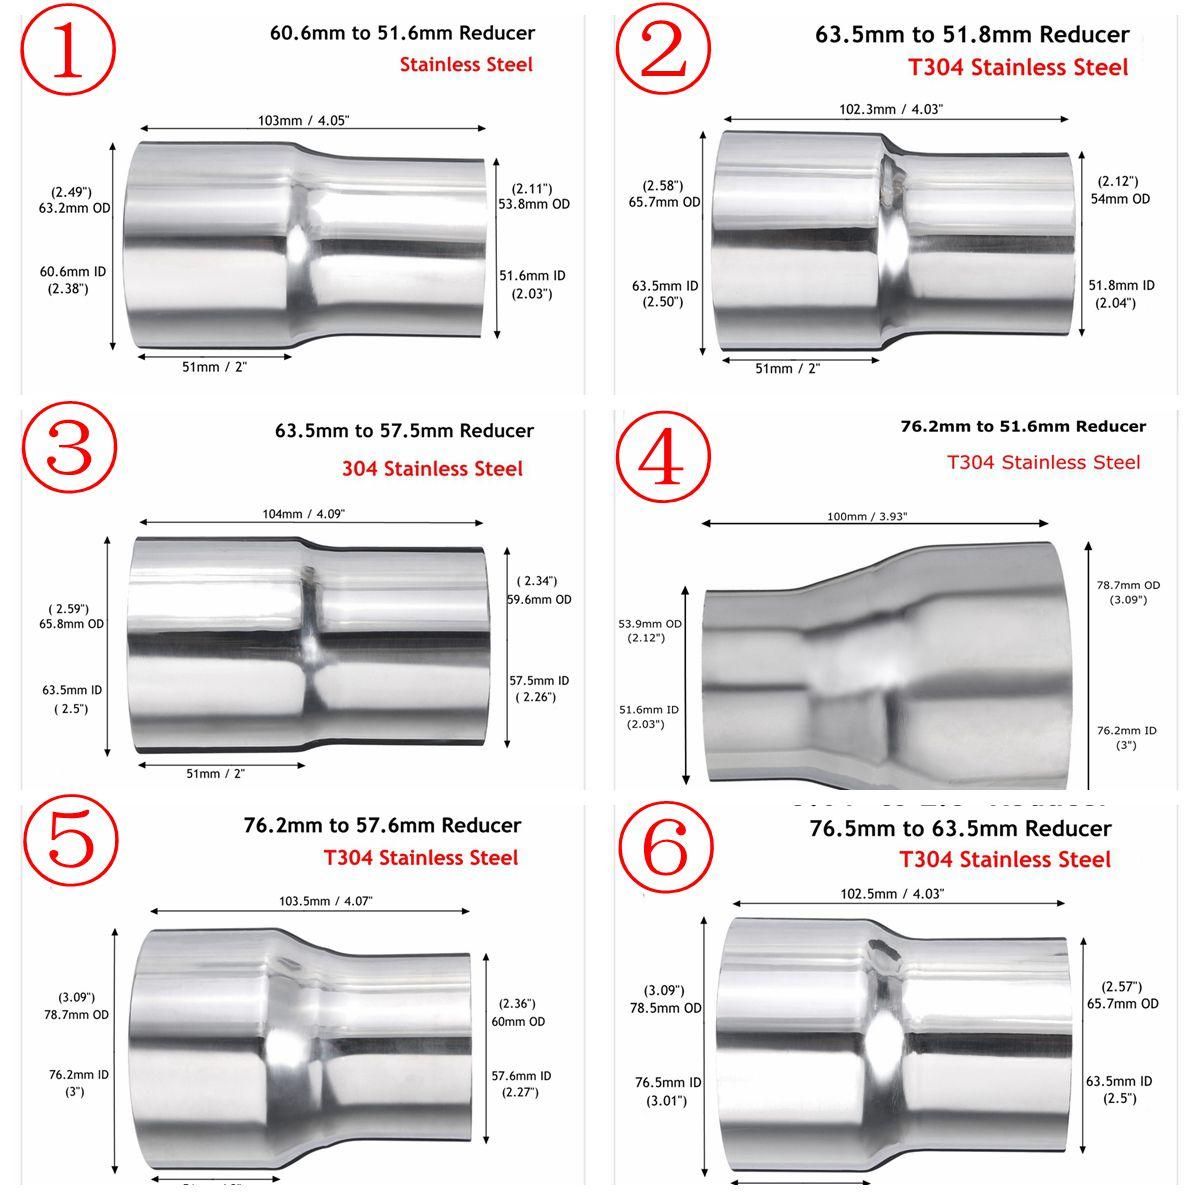 Tubo de aço inoxidável universal do conector do redutor da exaustão do carro 76mm 63mm 60mm a 63mm 57mm 52mm 50mm